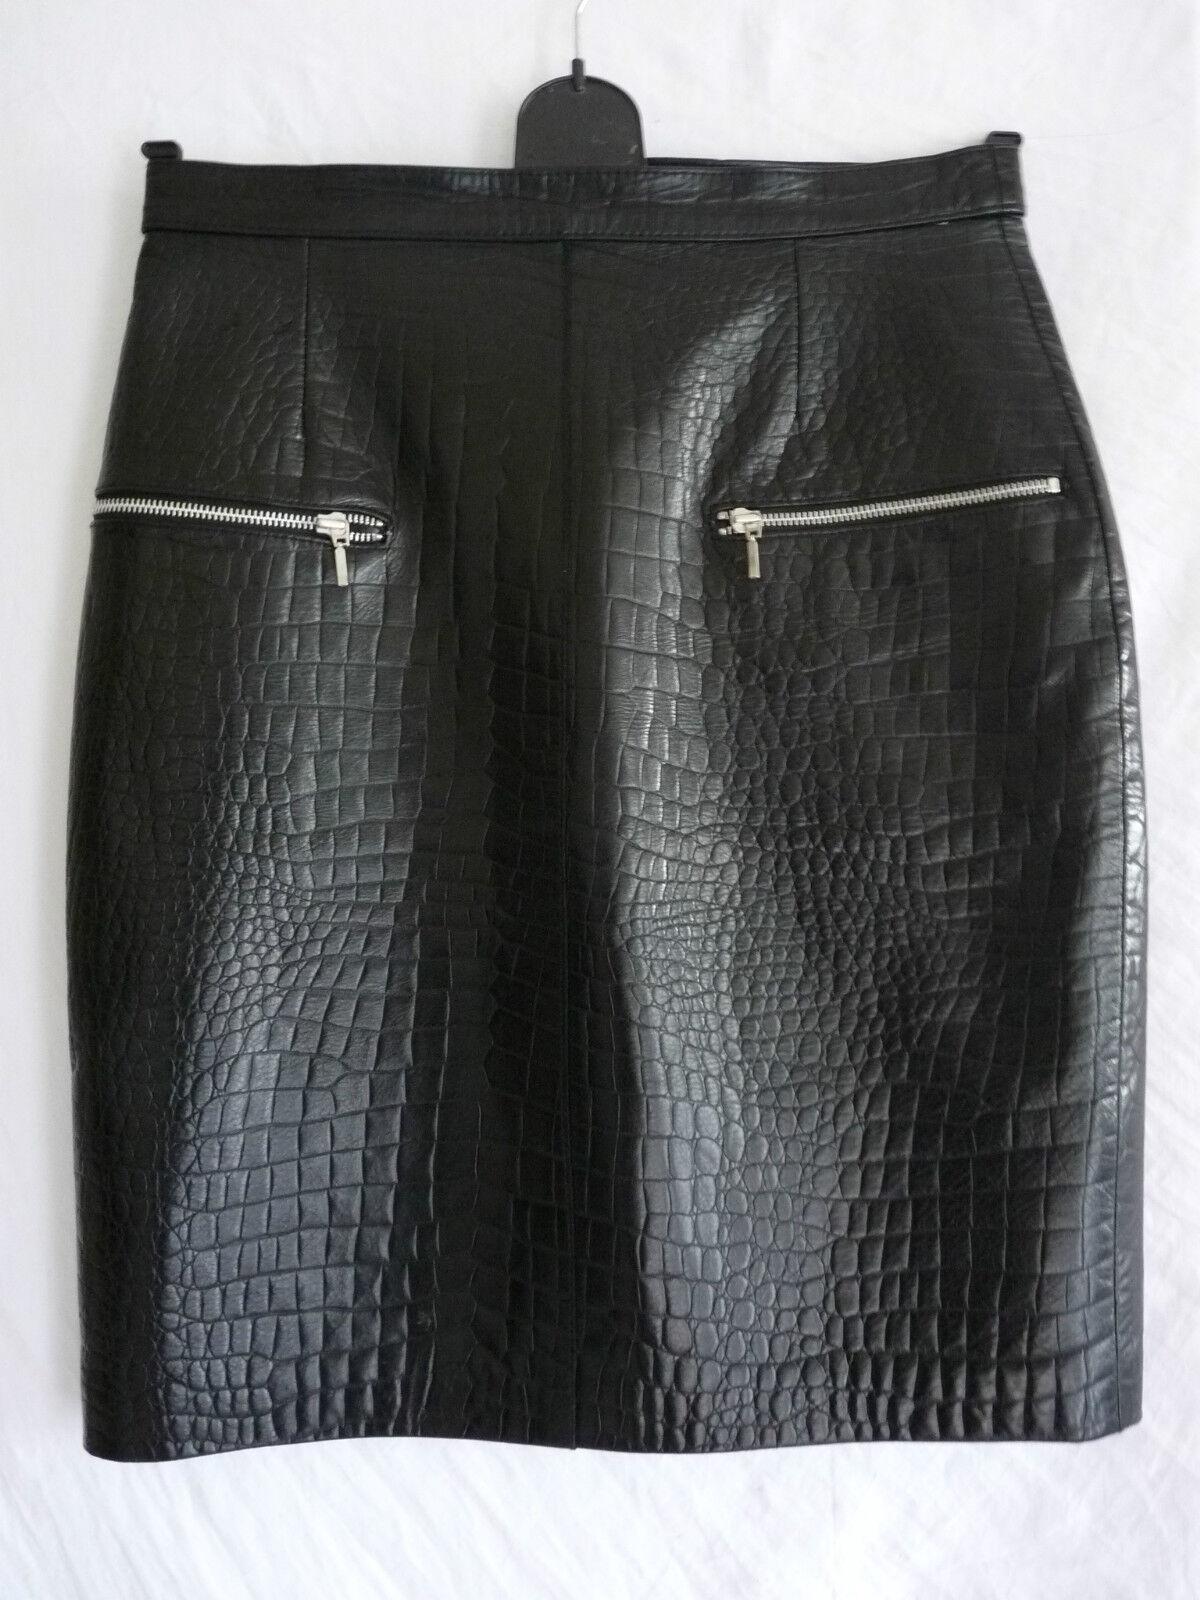 JUPE EN CUIR LA sacAGERIE CROCO NOIR CUIR AGNEAU T 42 DOUBLEE cuir jupe